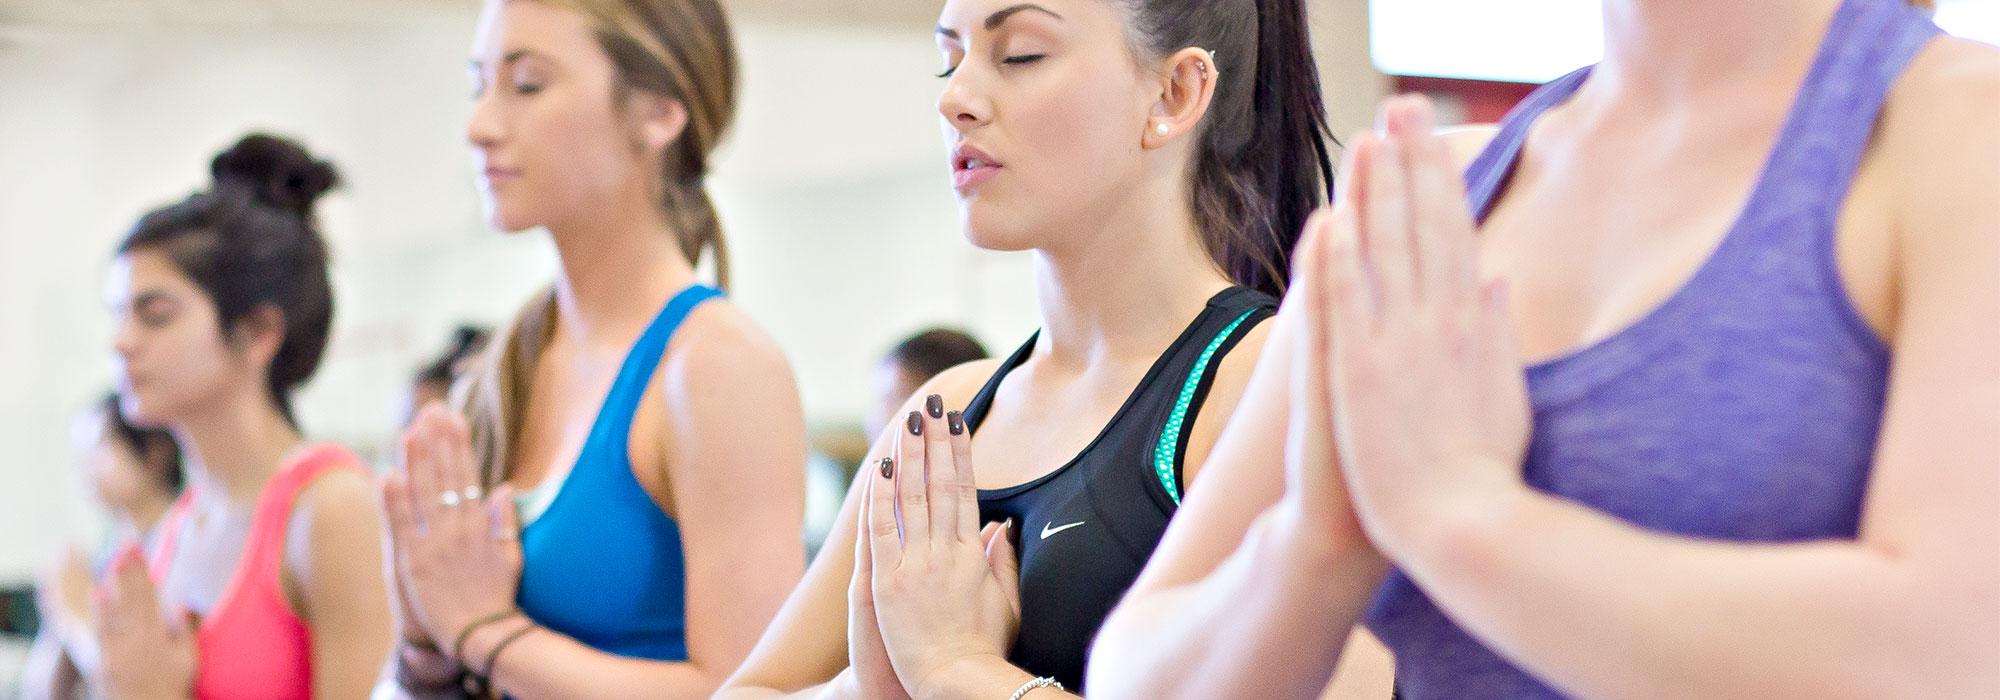 Yoga Inversions - ENS138